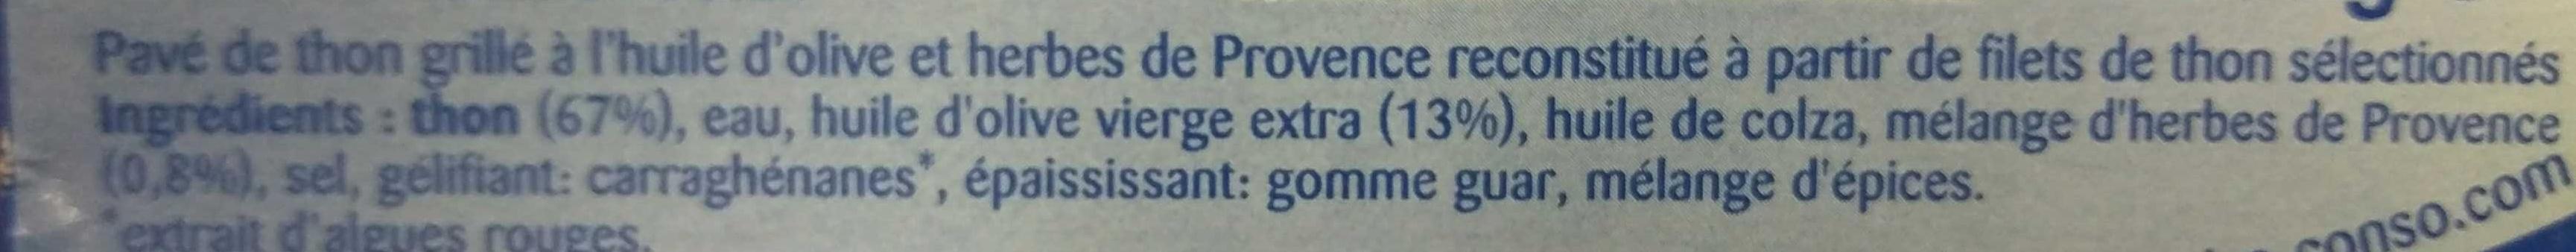 Pavé de Thon Grillé Huile d'olive et aux Herbes de Provence - Ingrédients - fr